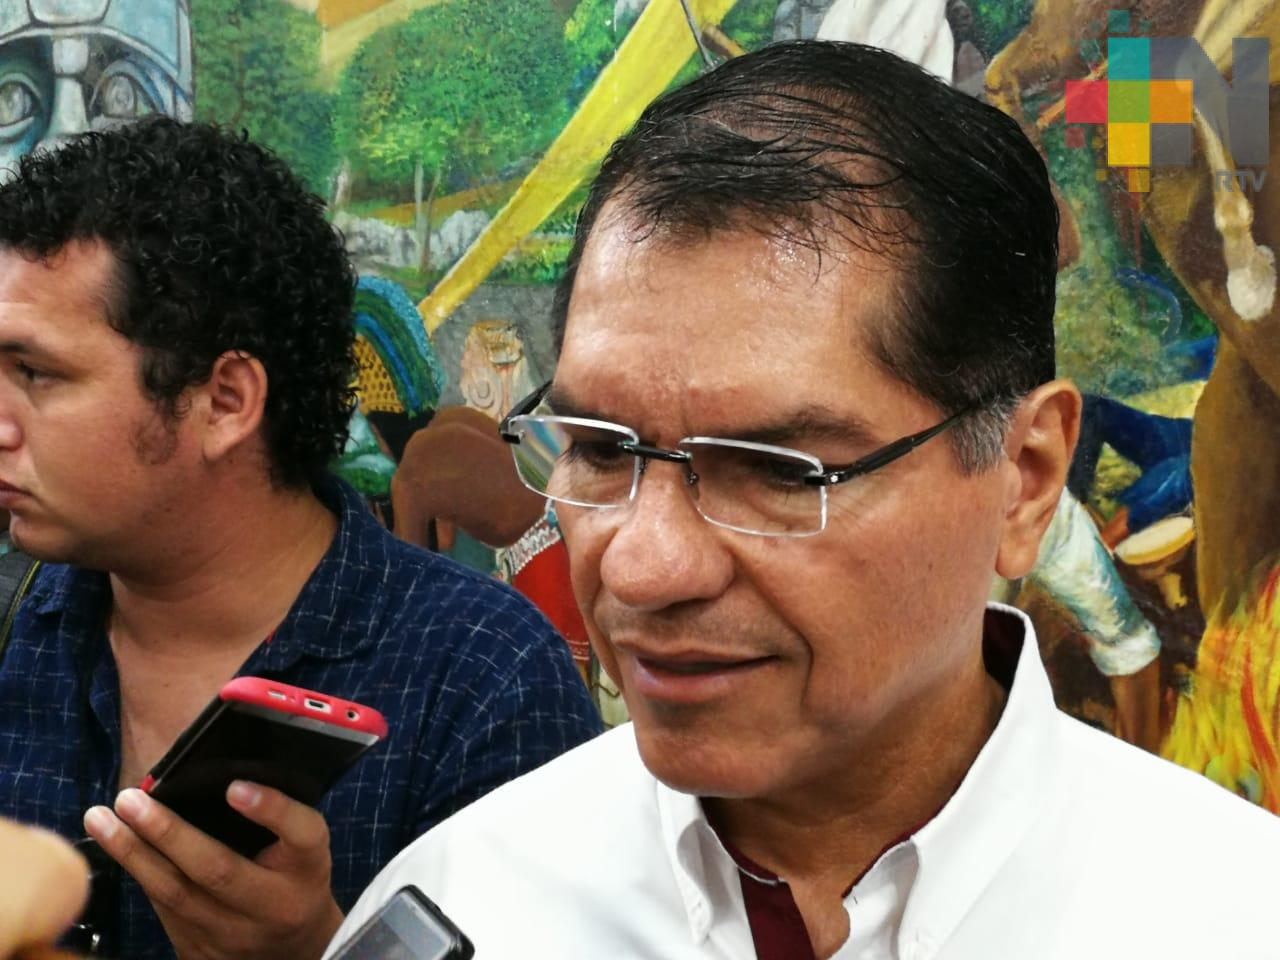 Propondrán instalación de parquímetros en el primer cuadro de Coatzacoalcos